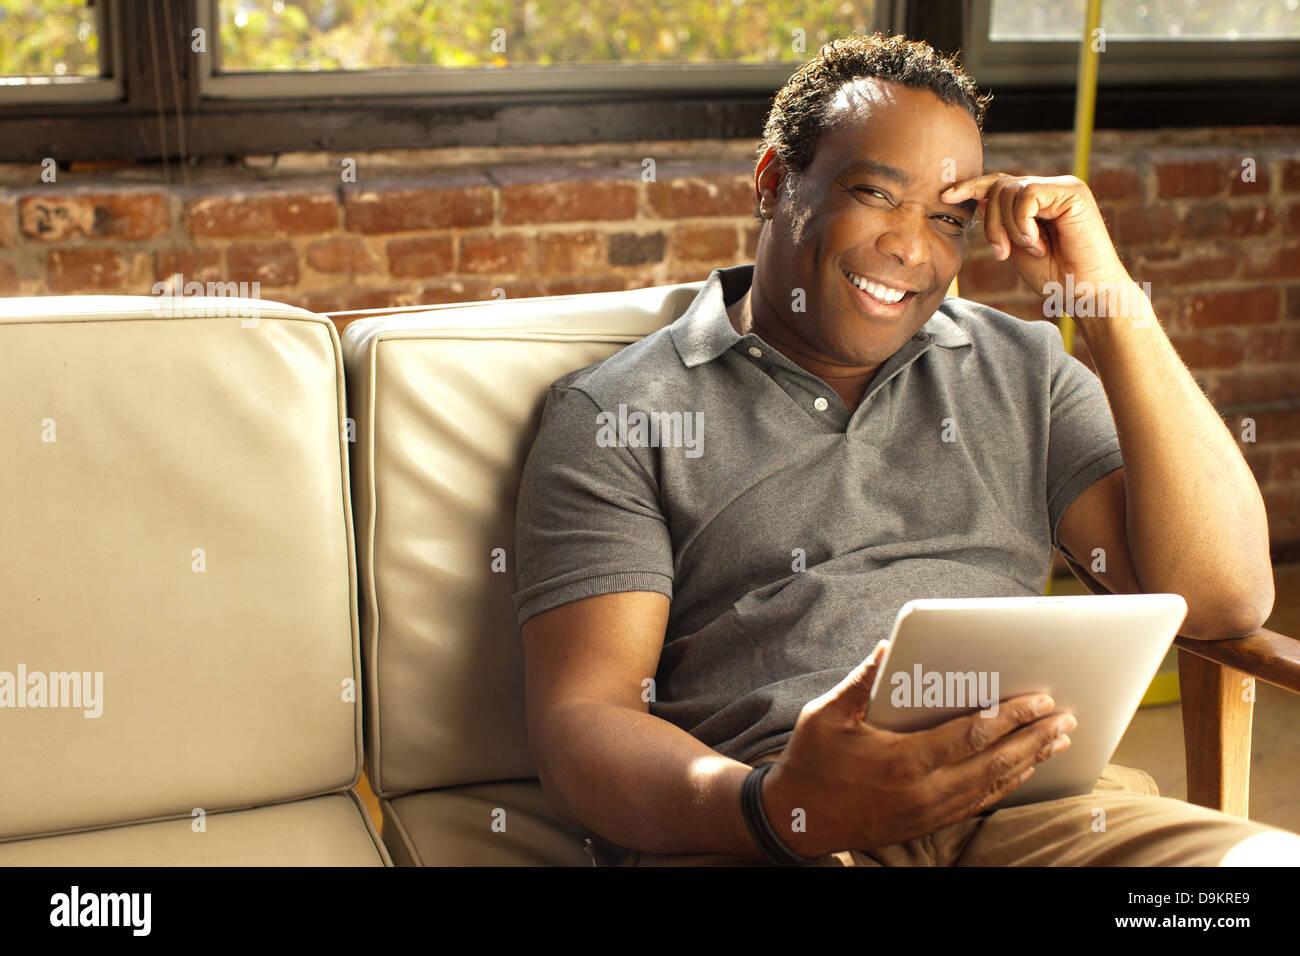 Uomo in posa con sorriso carismatico holding tavoletta digitale Immagini Stock